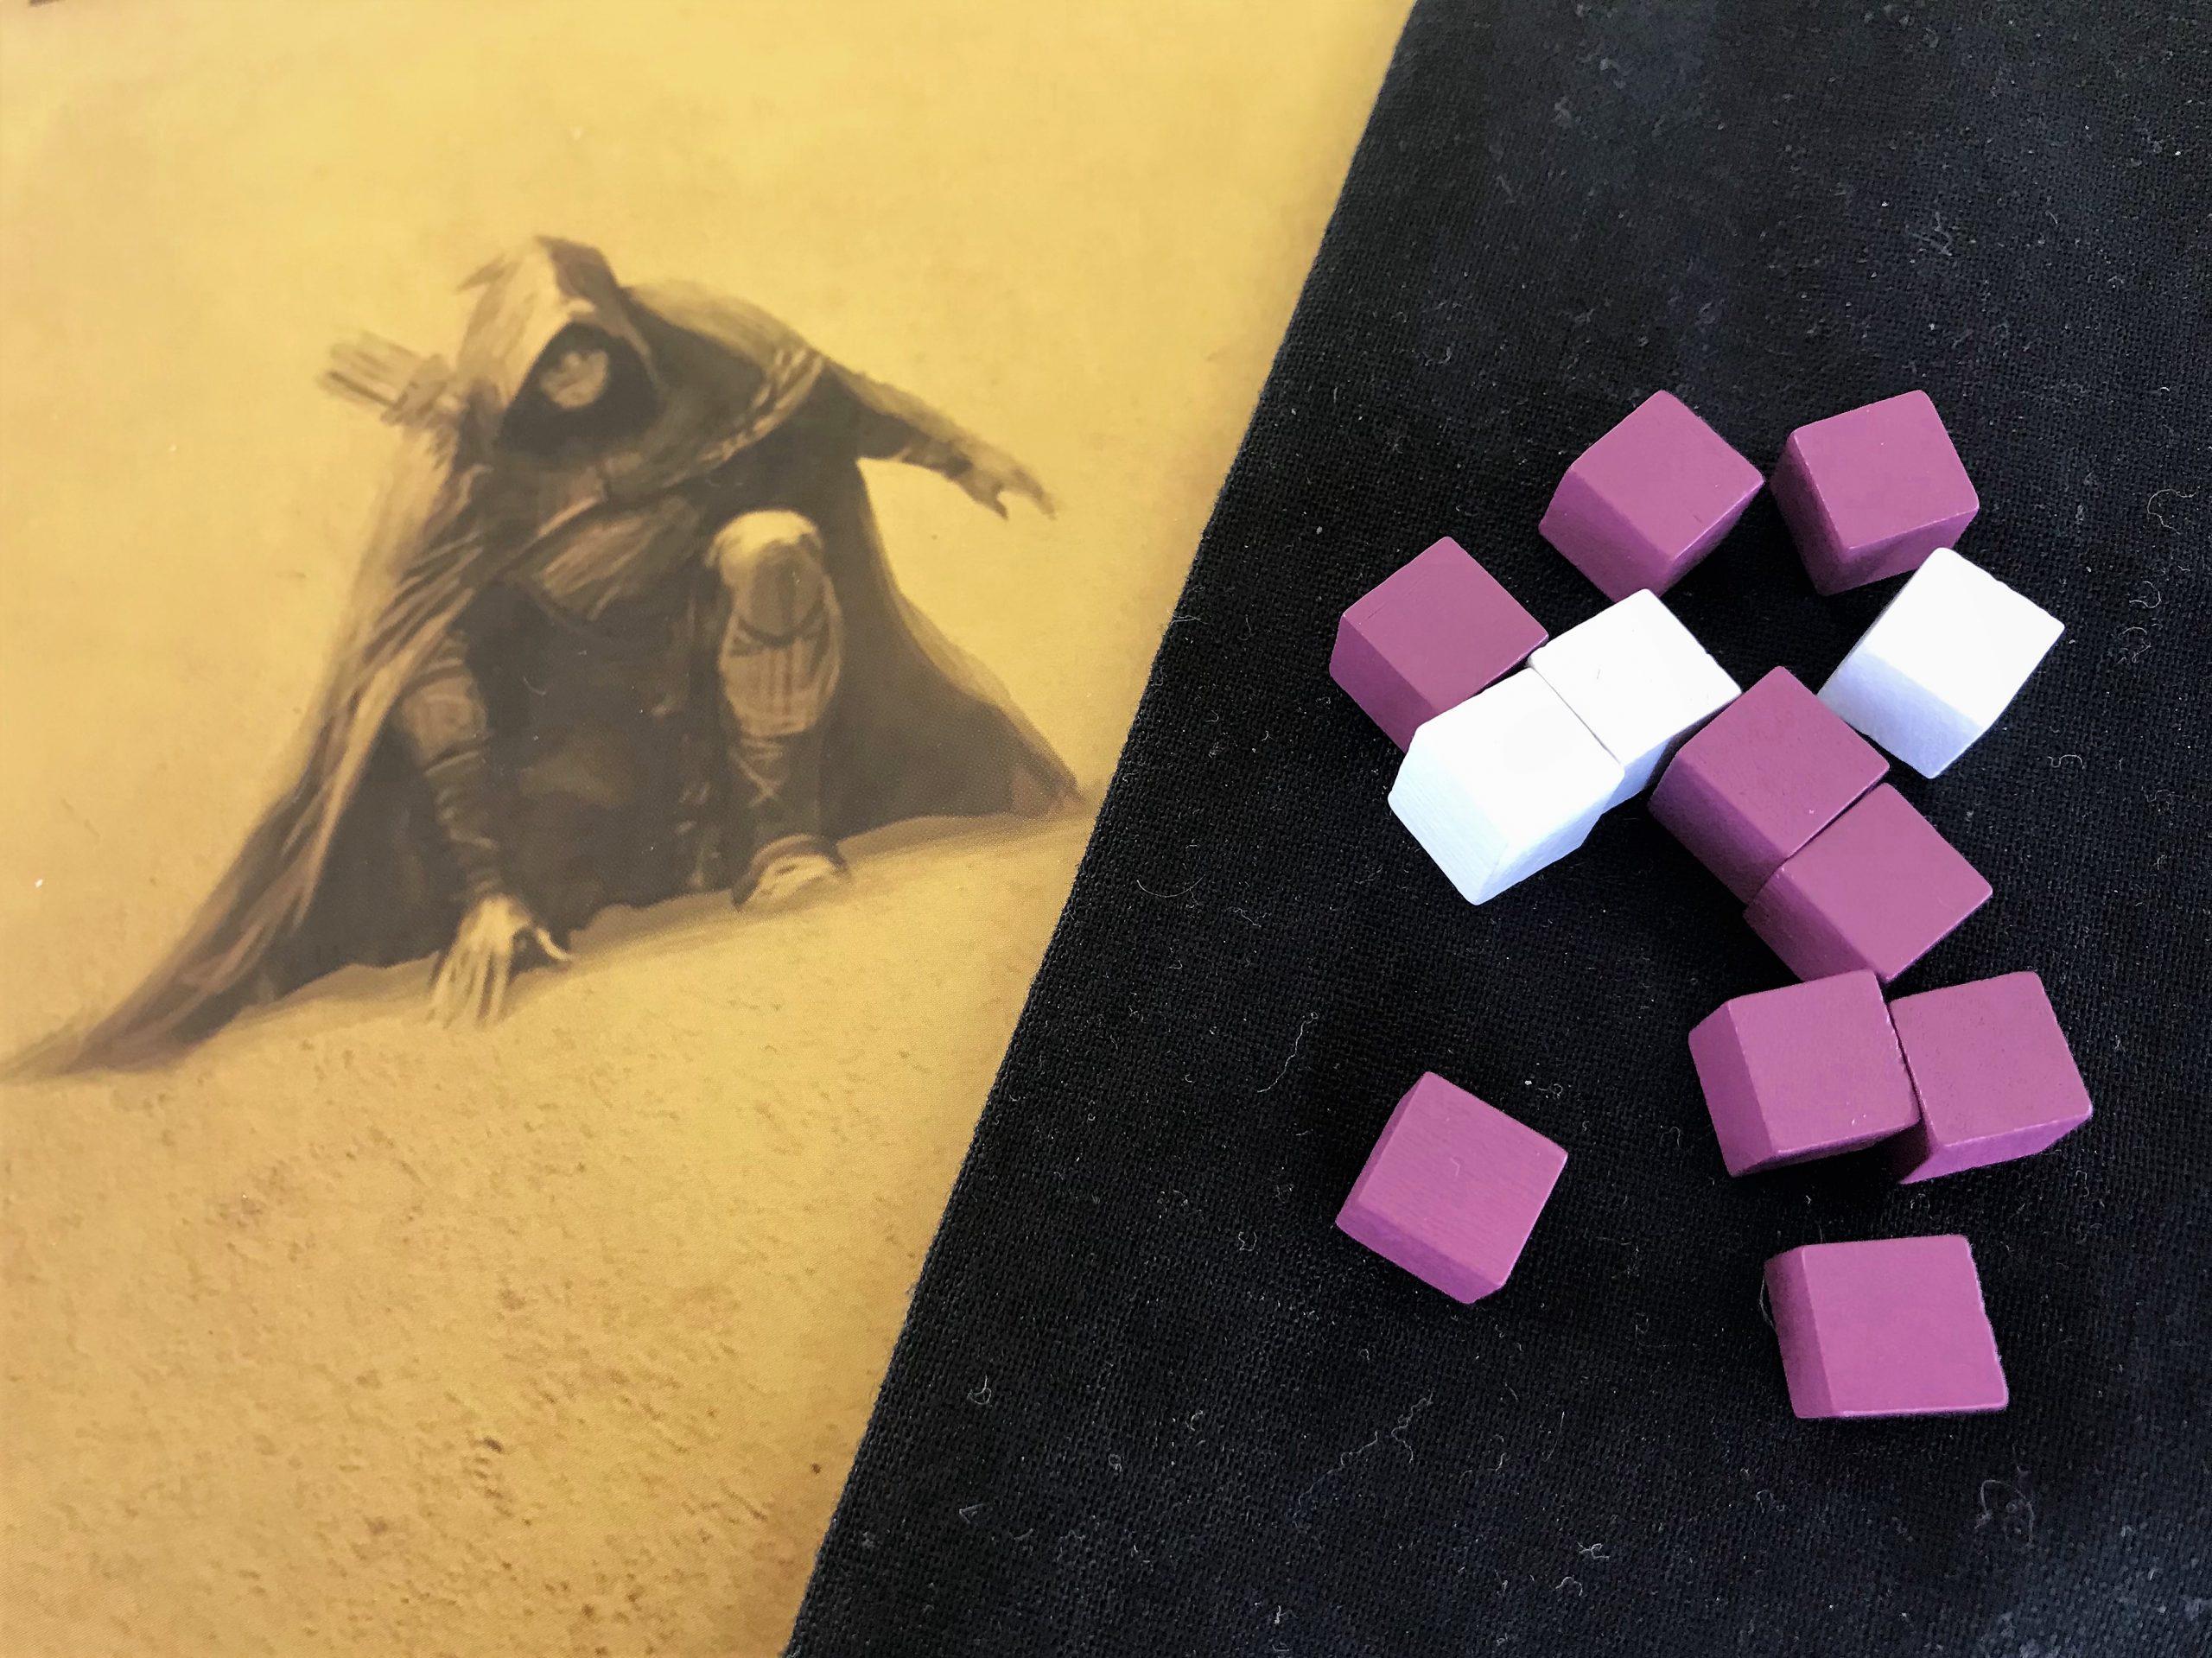 violette und weiße Würfelchen kommen in einen Stoffbeutel